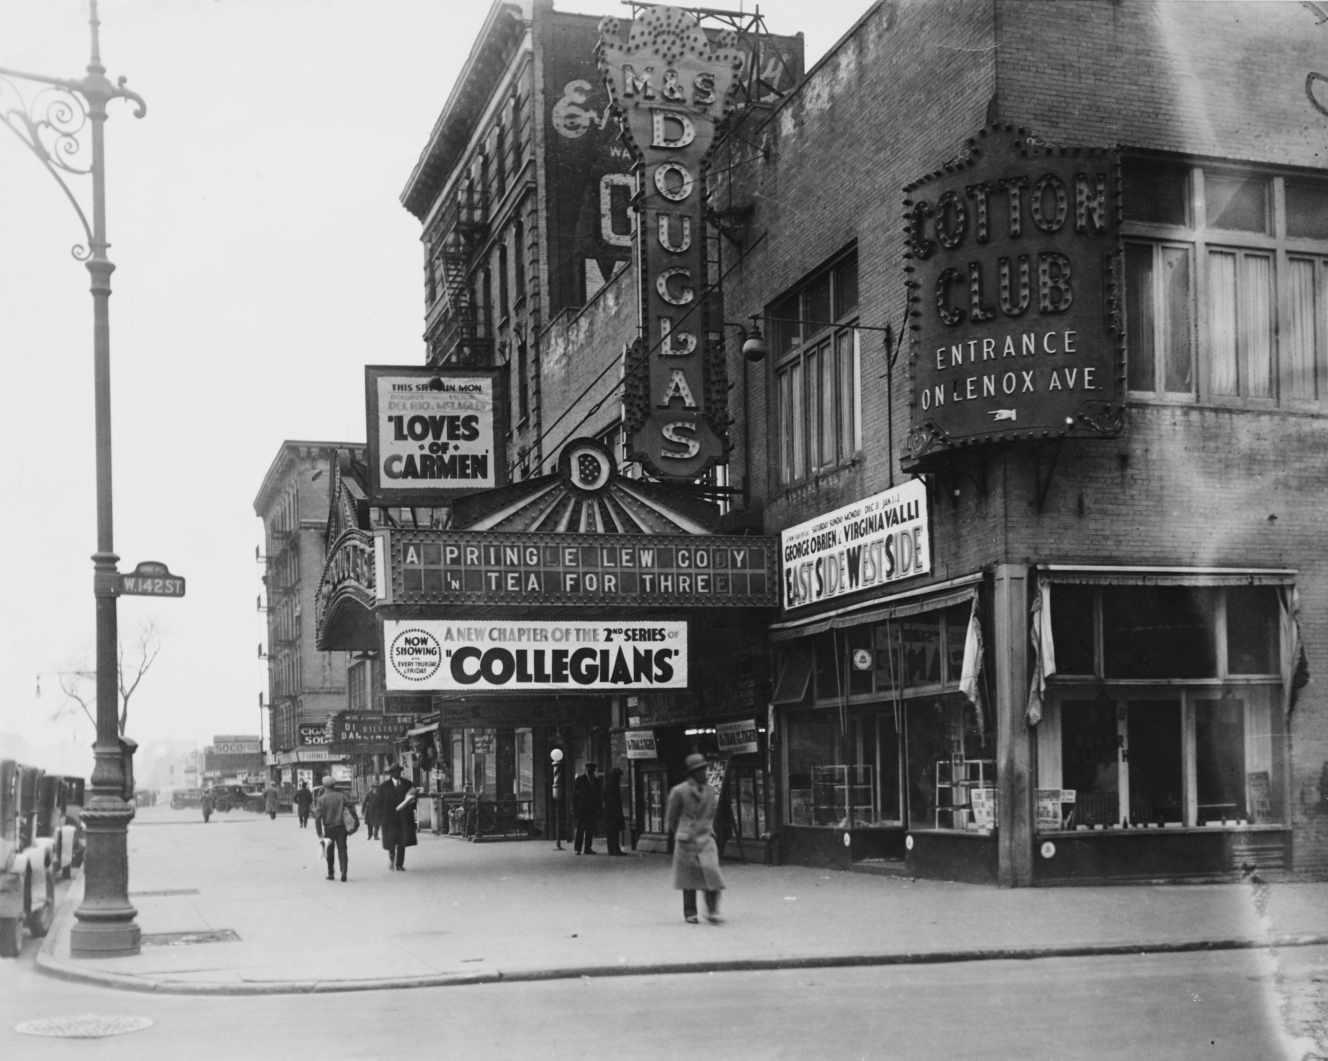 The Cotton Club, 142nd Street y Lenox Avenue en Harlem, Nueva York, alrededor de 1927.